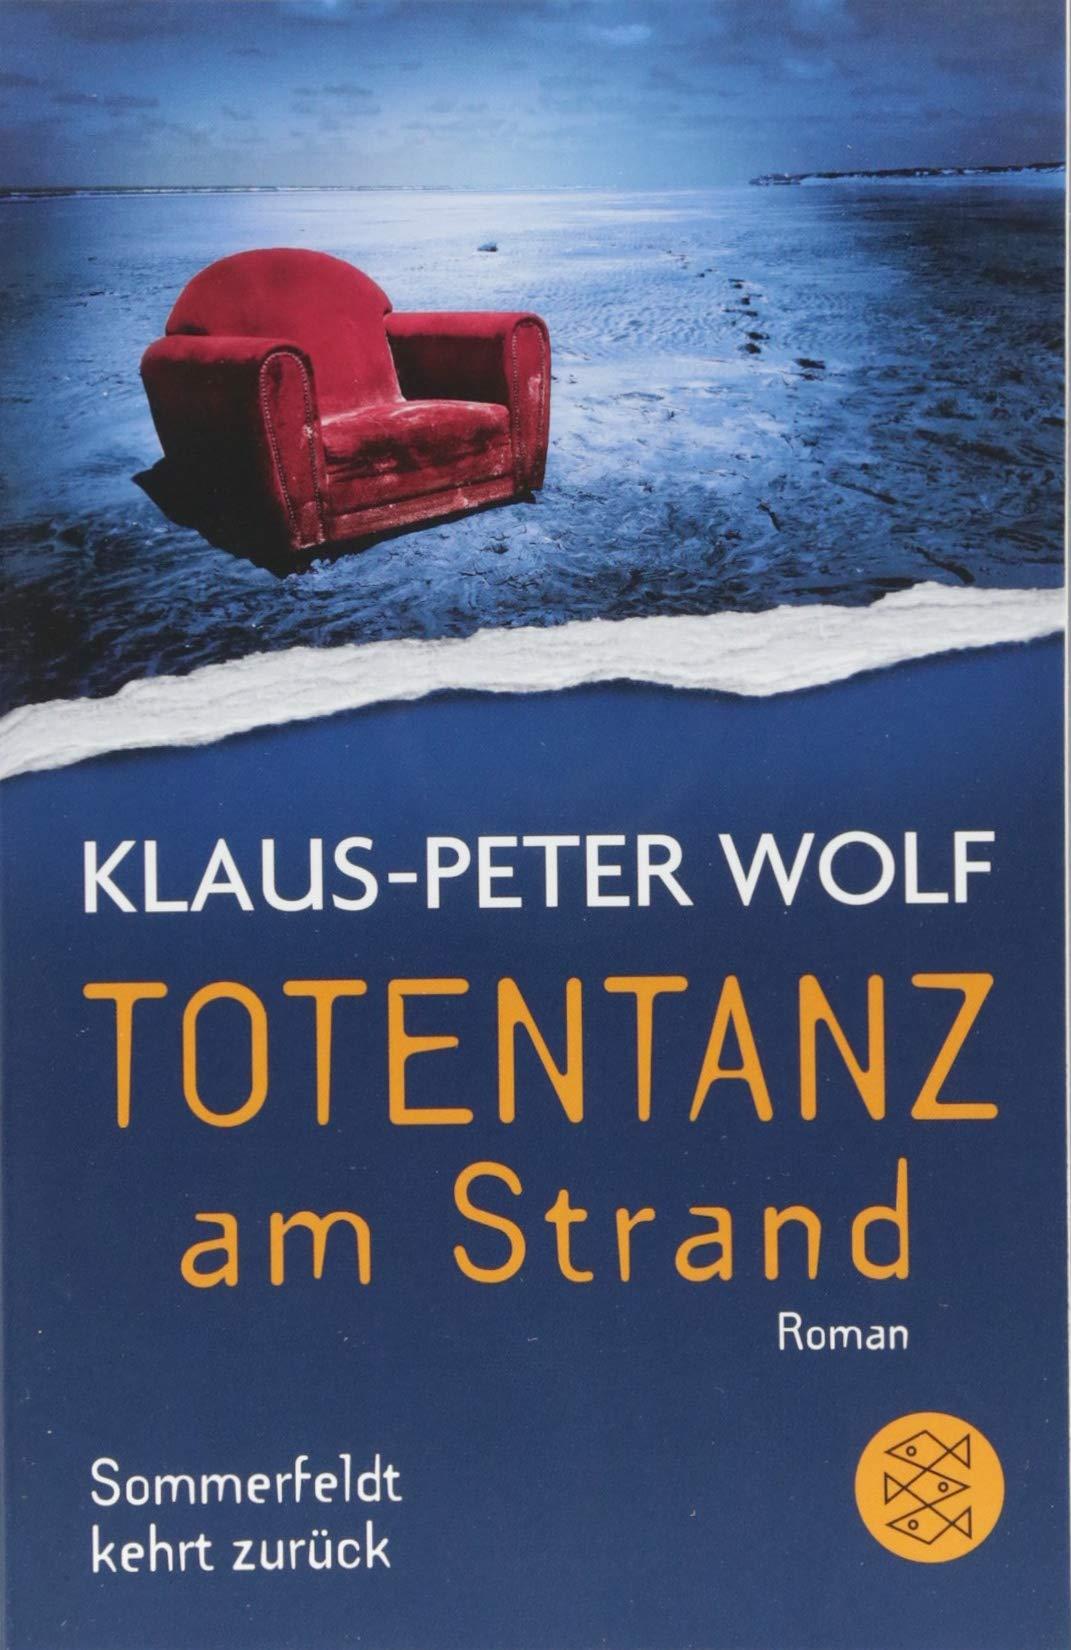 Totentanz am Strand: Sommerfeldt kehrt zurück Taschenbuch – 20. Juni 2018 Klaus-Peter Wolf FISCHER Taschenbuch 3596299195 Belletristik / Kriminalromane